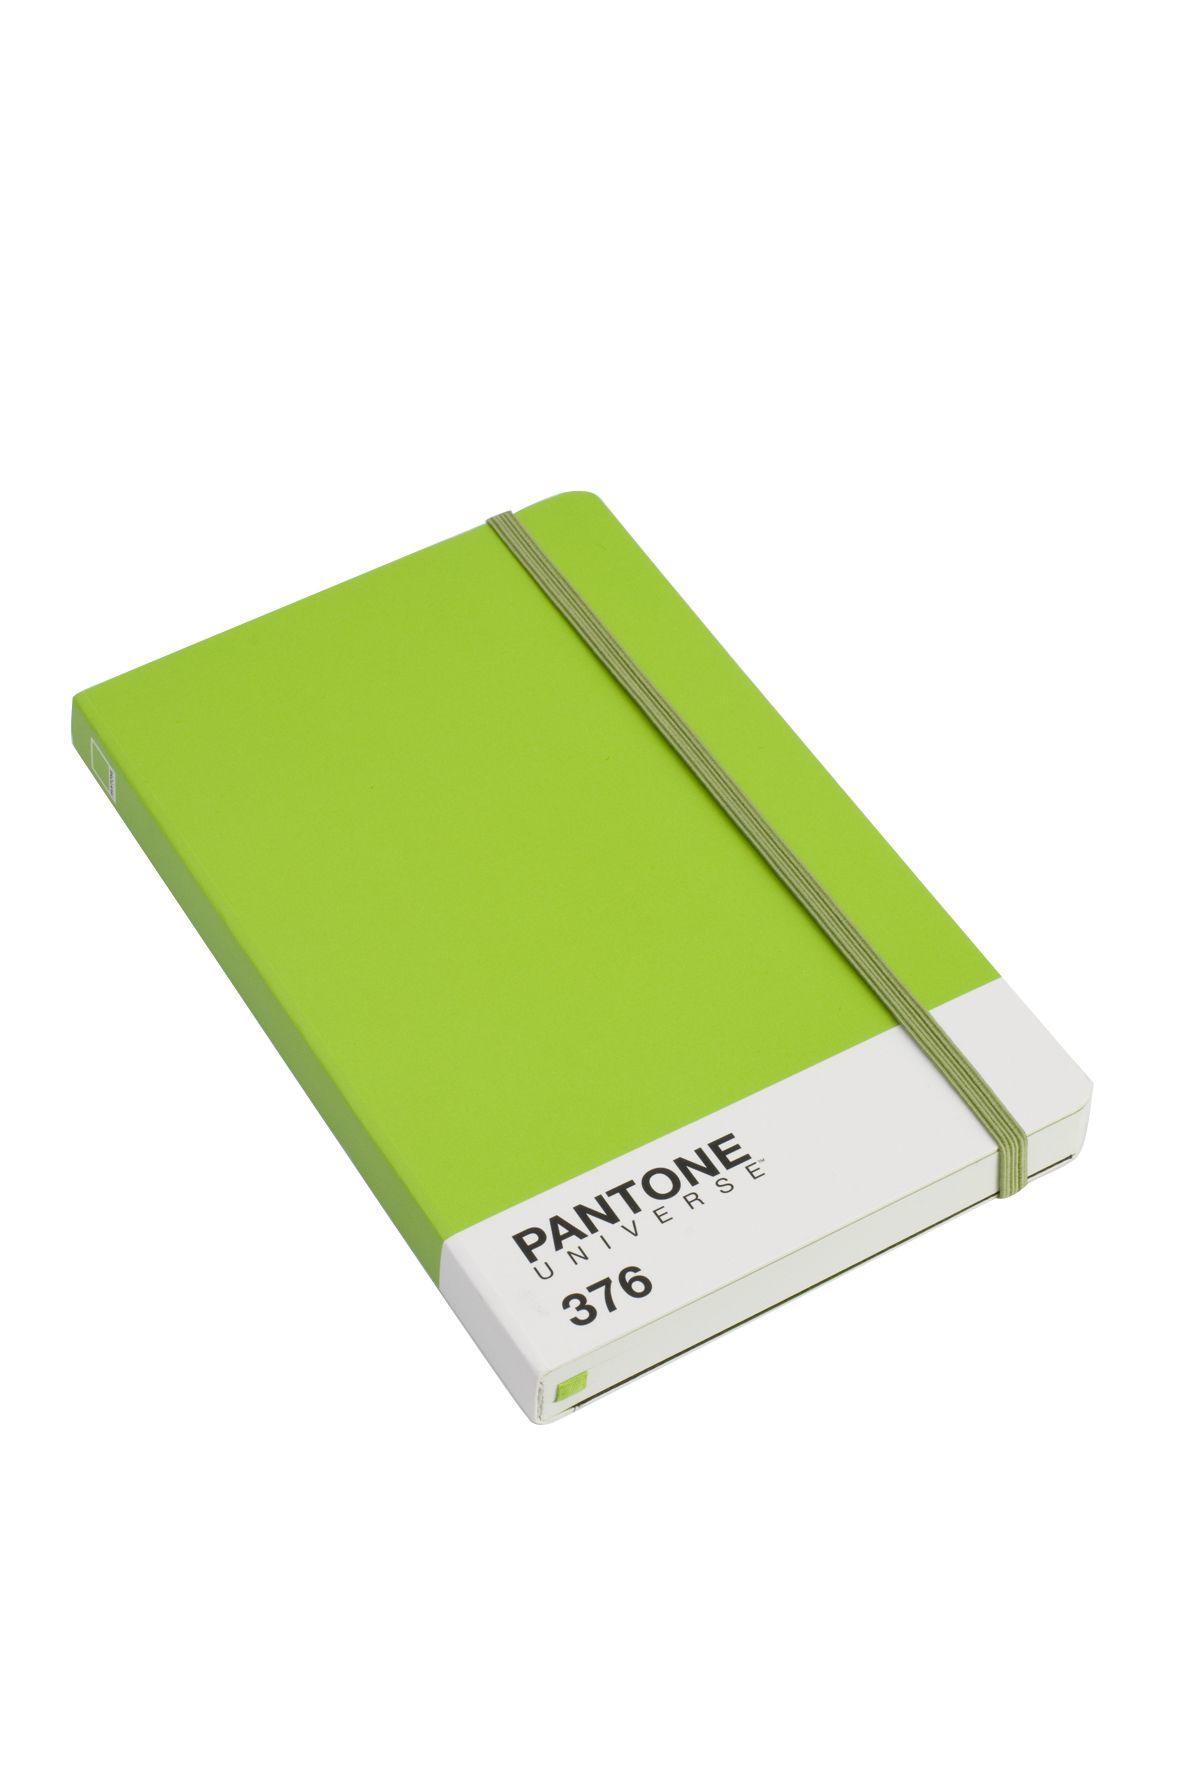 Pantone notebook in Mushy Pea